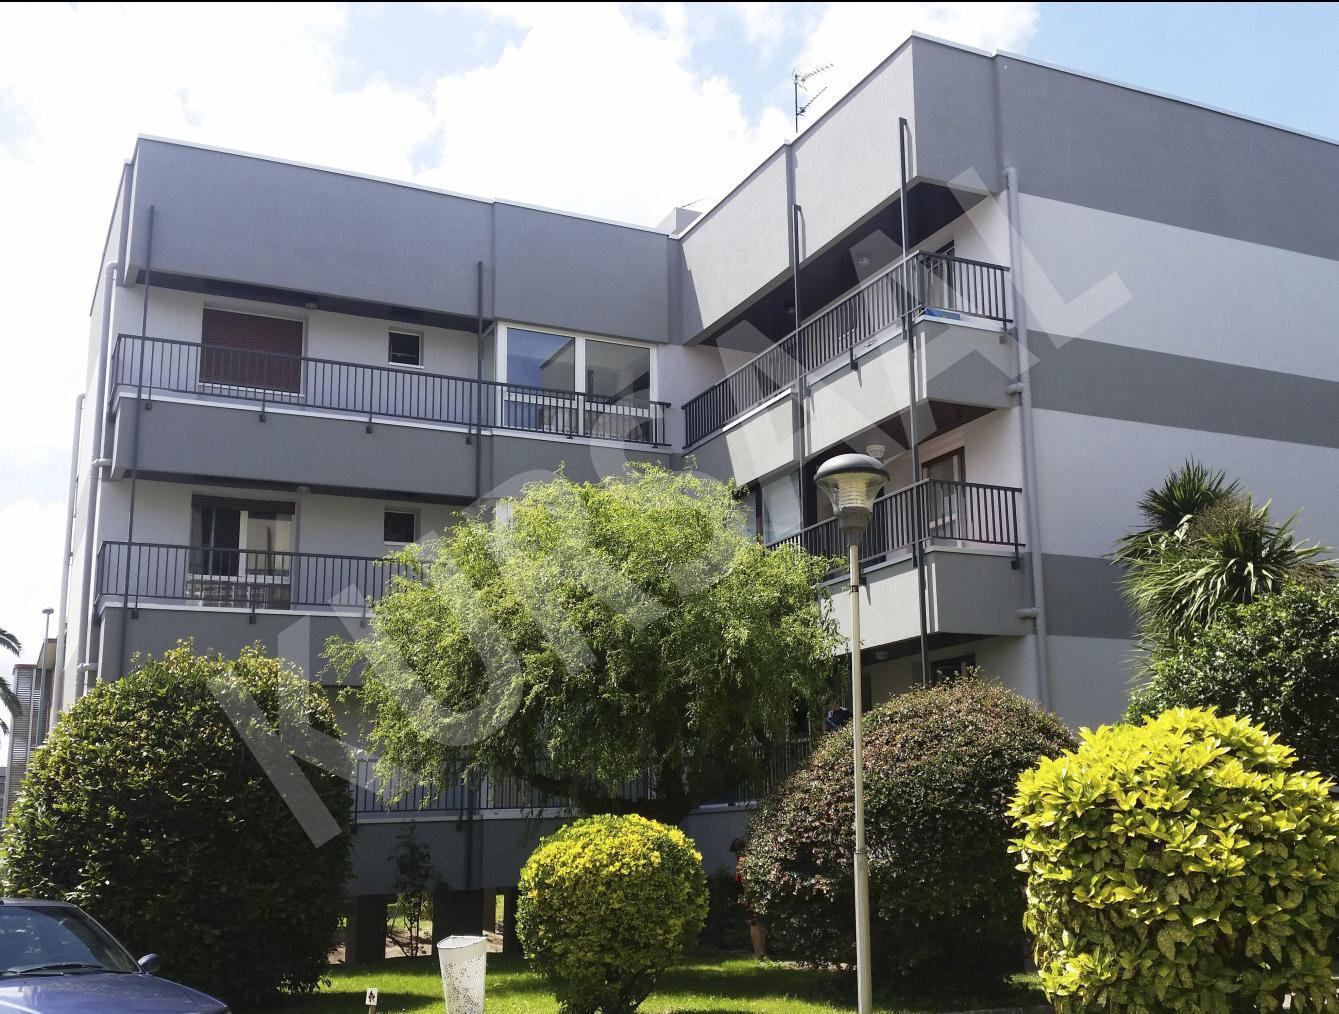 foto 4 - Aislamientos Térmicos y Eficiencia Energética-Belizalde 21-Donostia